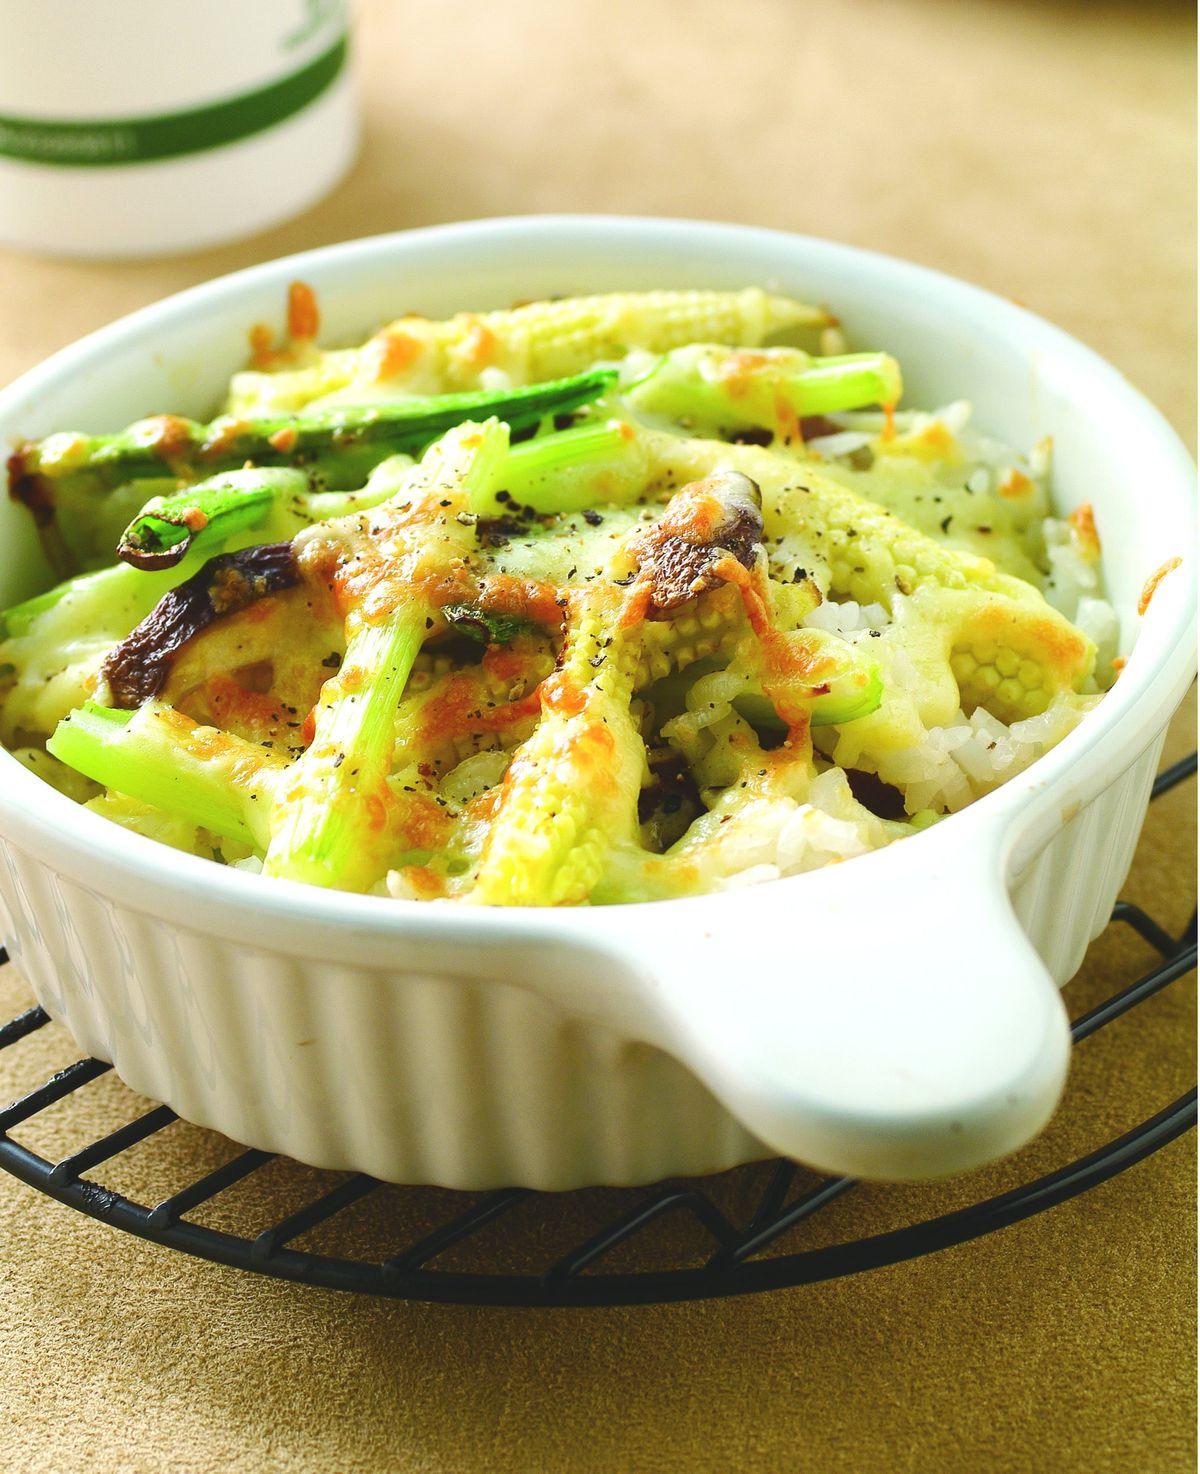 食譜:什錦蔬菜焗飯